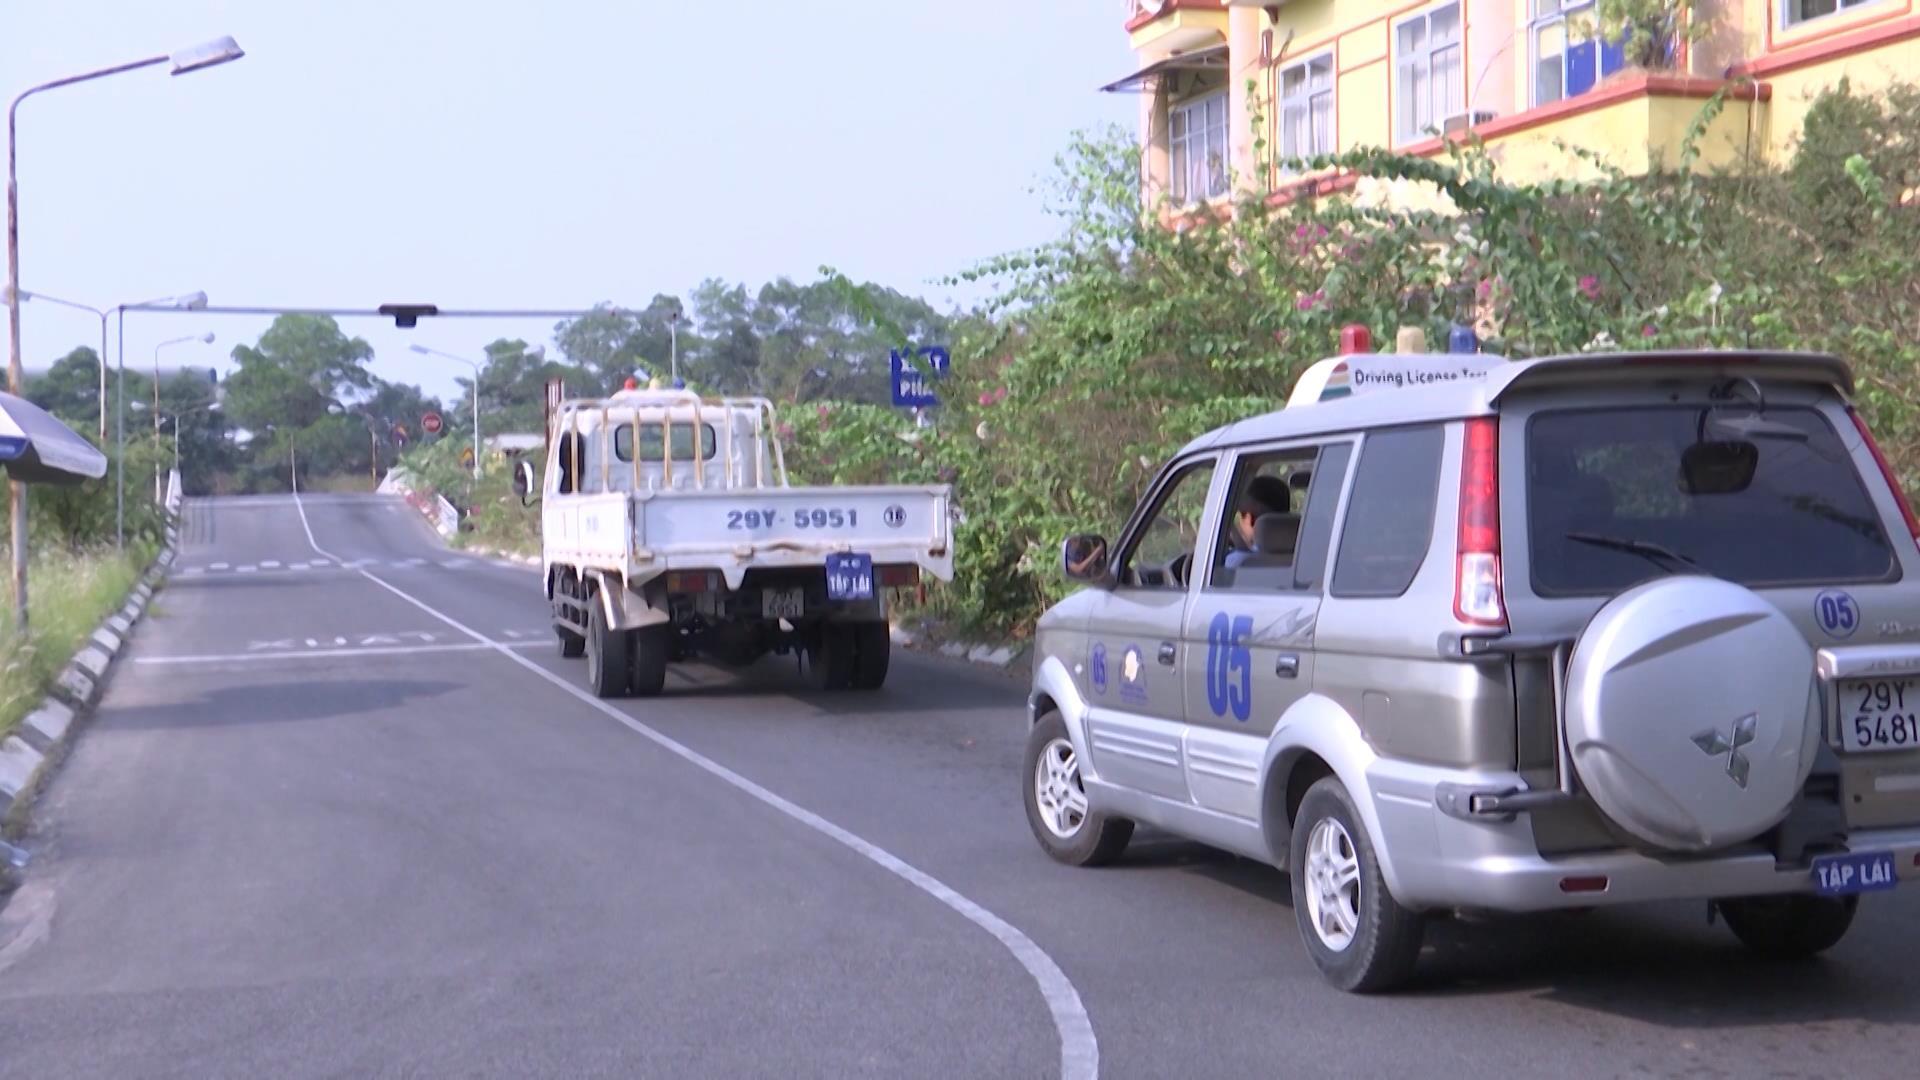 Tạm dừng các kỳ sát hạch lái xe ô tô và mô tô trên địa bàn tỉnh Bắc Ninh